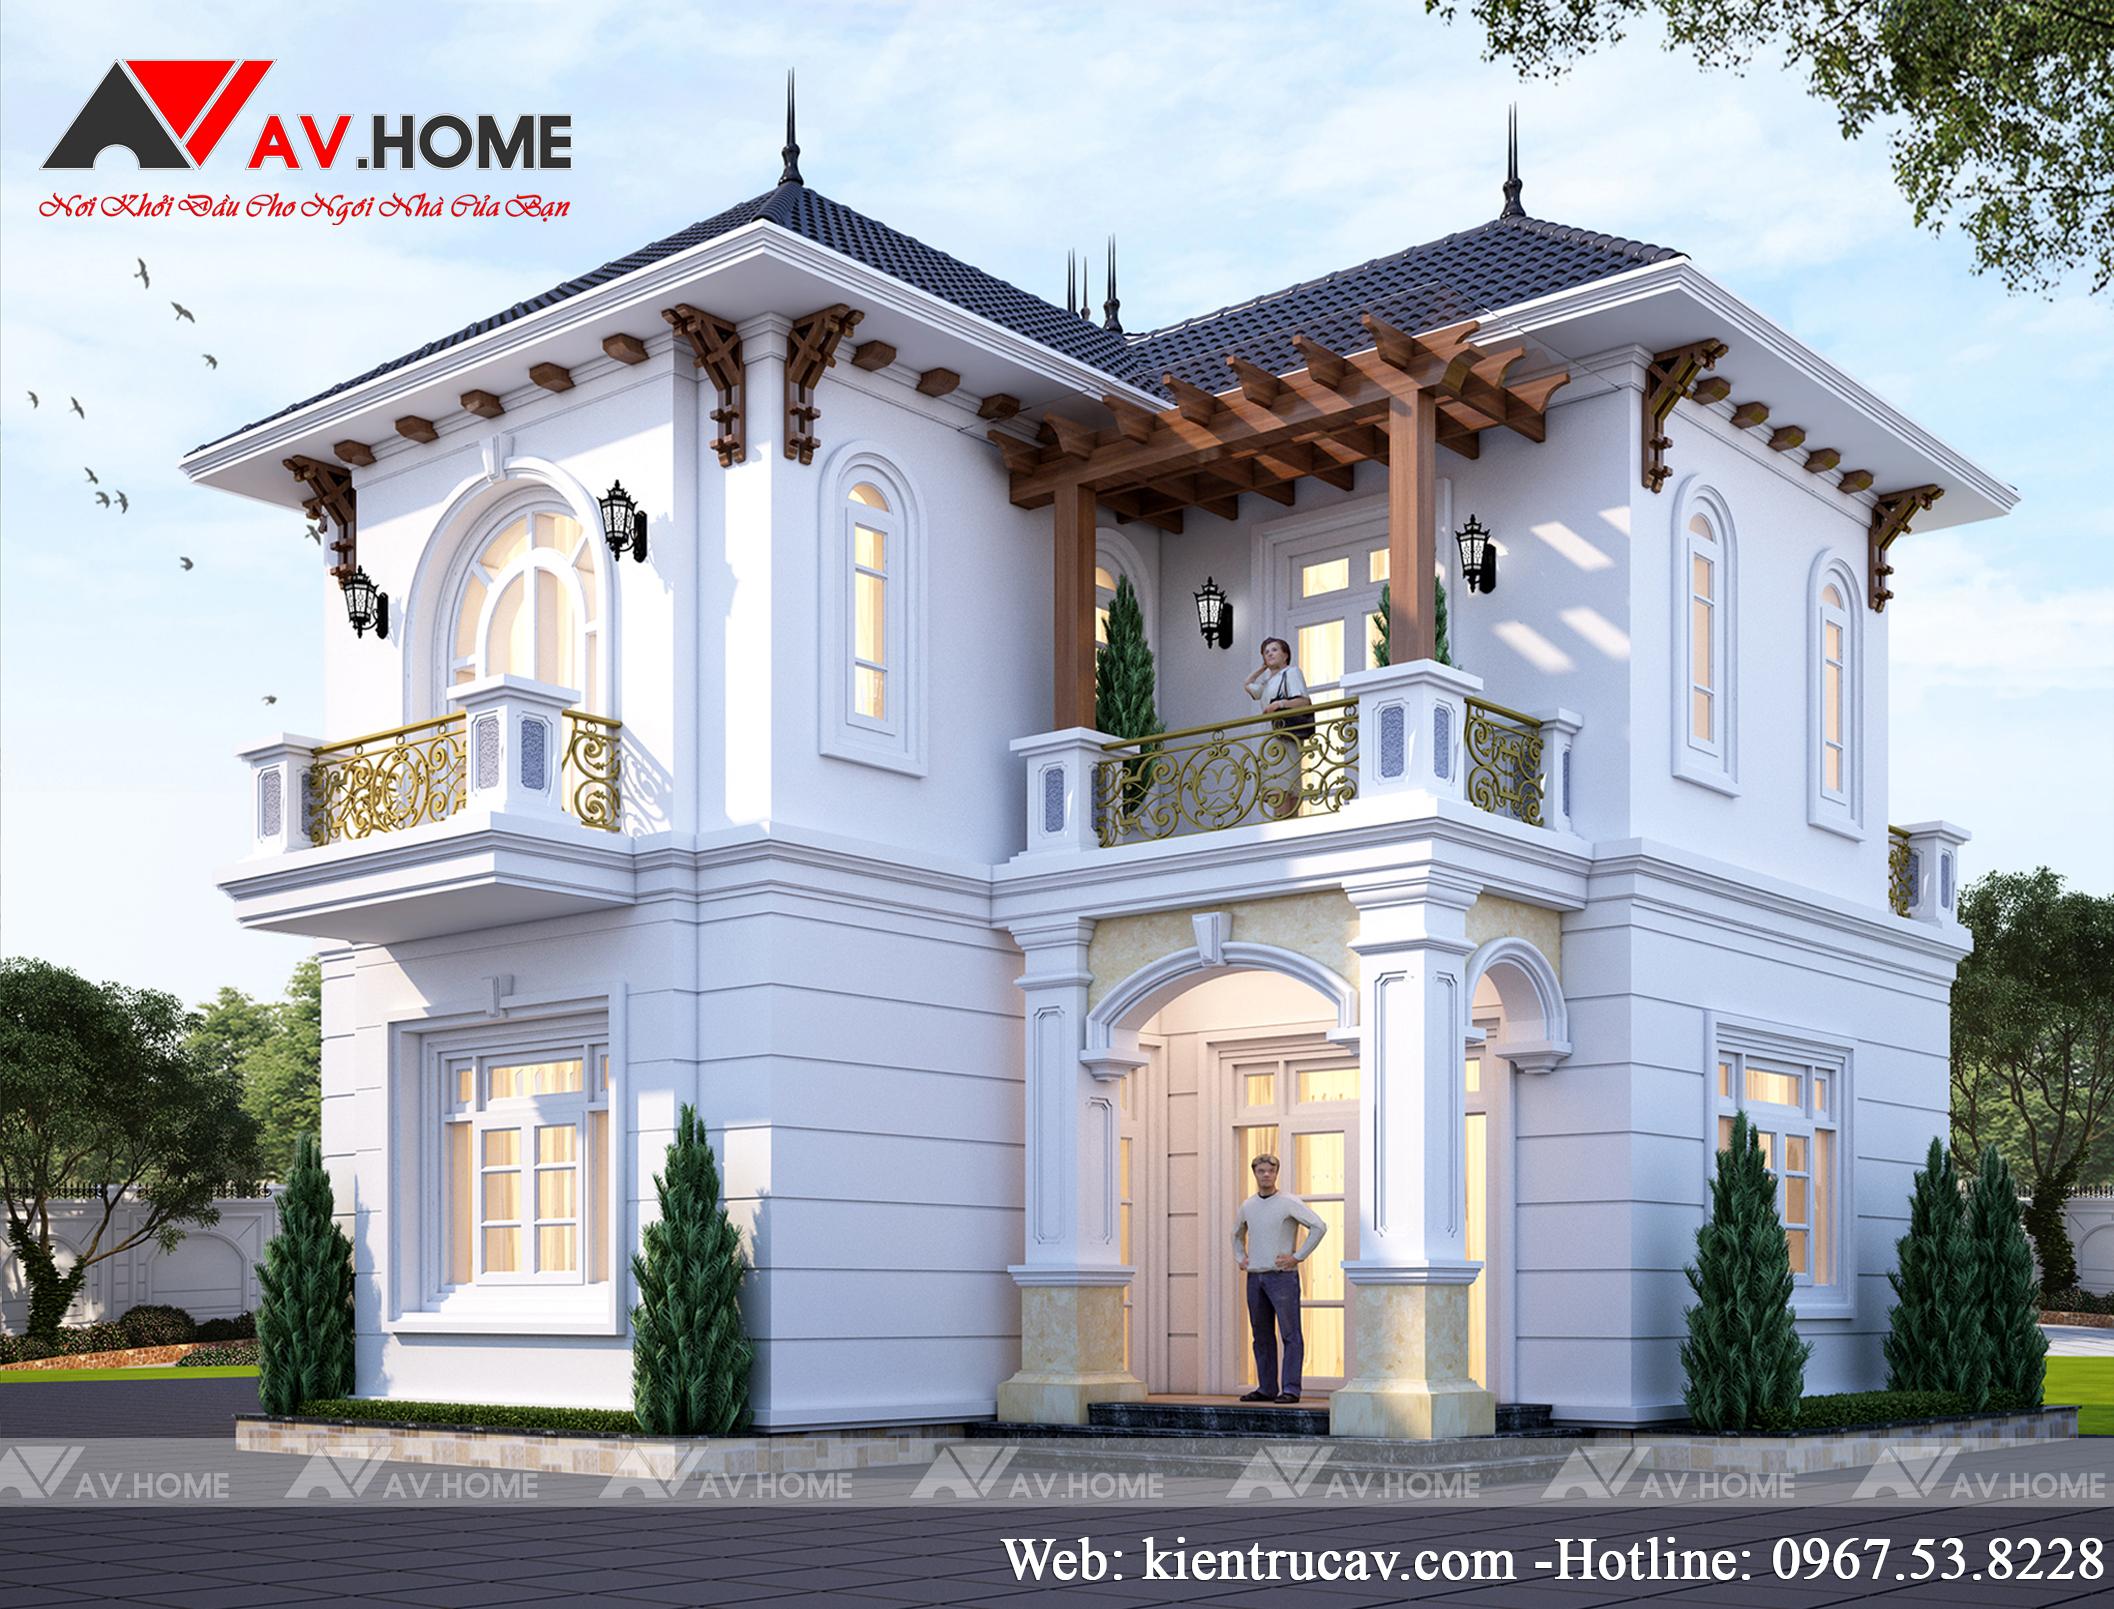 Mẫu biệt thự 2 tầng độc đáo hấp dẫn phong cách tân cổ điển ở Hưng Yên BT1043